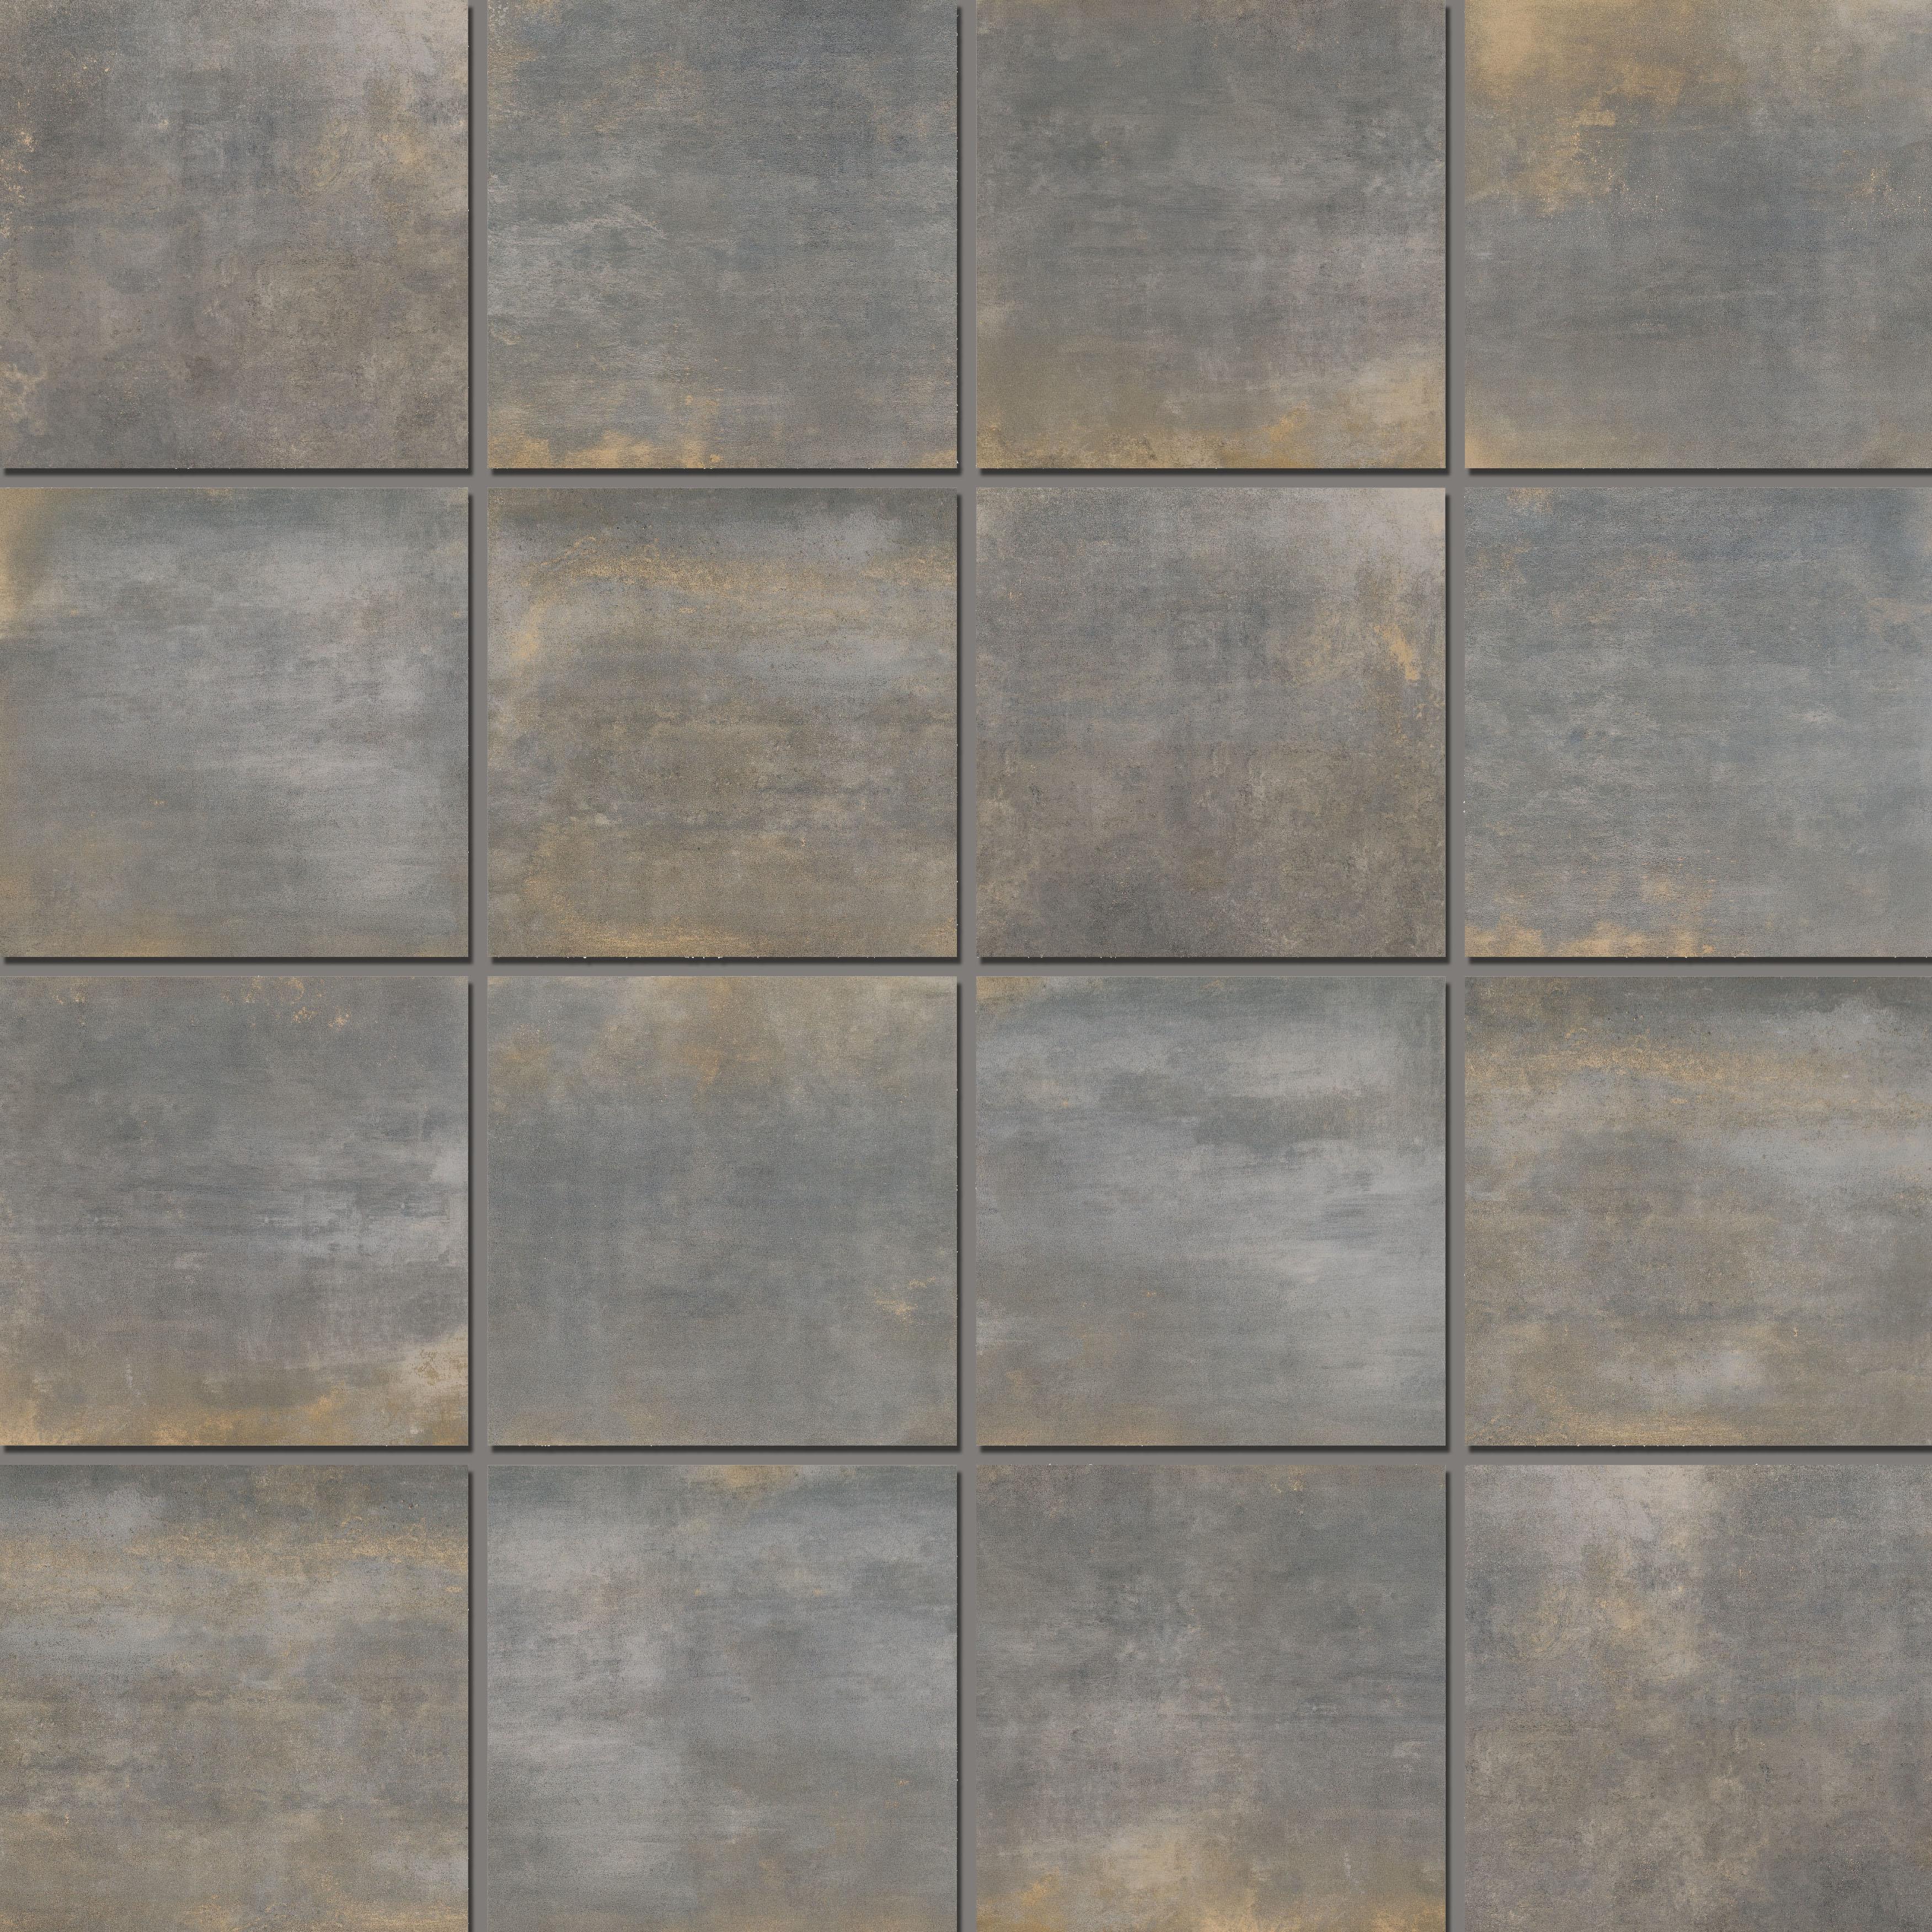 Mosaic 7,2x7,2 Shabby Grey